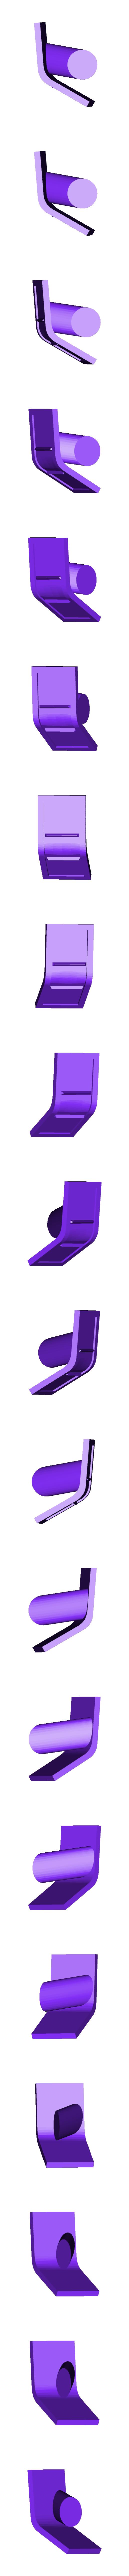 Petit_canon_bouclier_droit_m.STL Télécharger fichier STL gratuit STARWARS motorisés AT - AT • Plan imprimable en 3D, Rio31